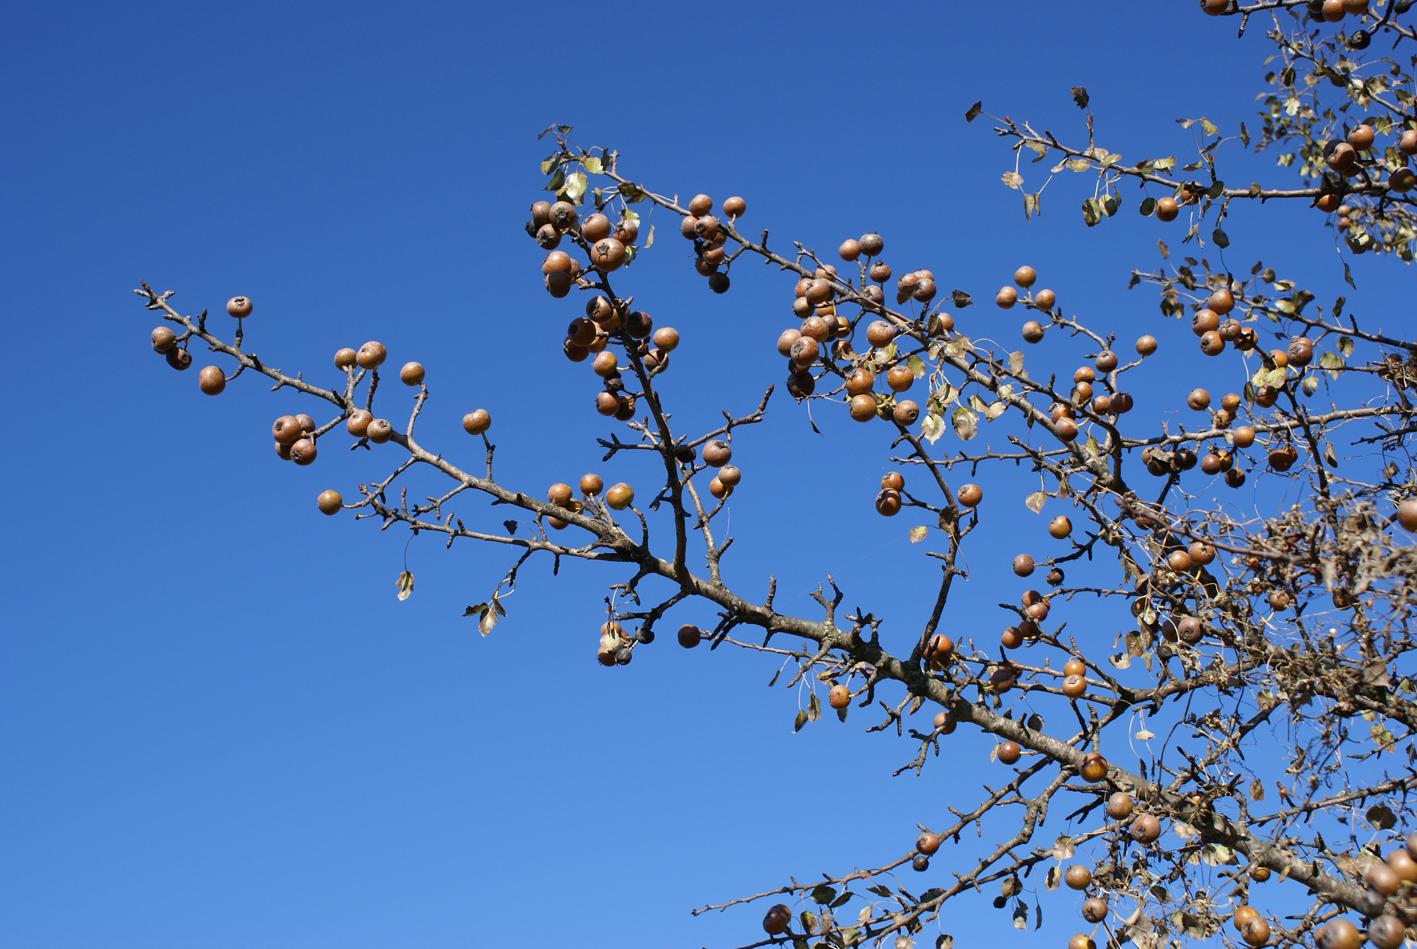 Ramas de piruétano en fruto, Parque Nacional de Doñana. Foto: José M. Fedriani